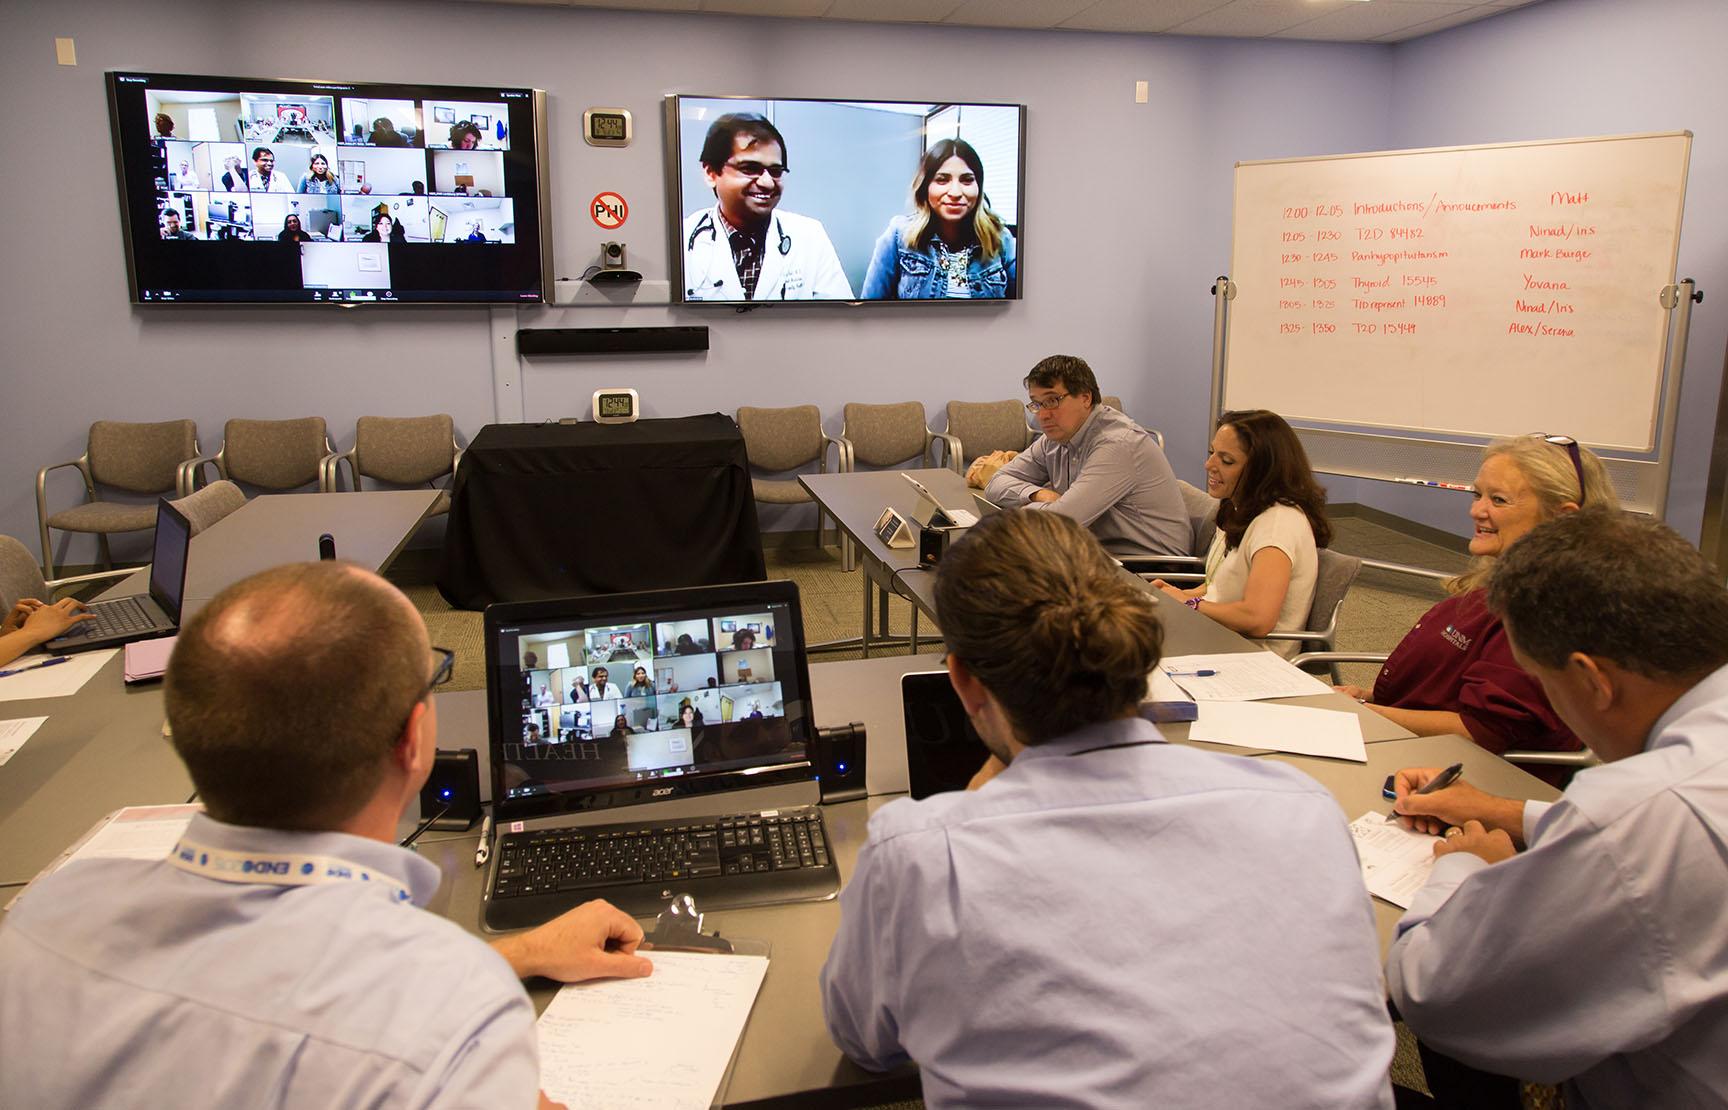 Los proveedores de atención médica utilizan las videoconferencias para reunirse con expertos y colaborar en casos.